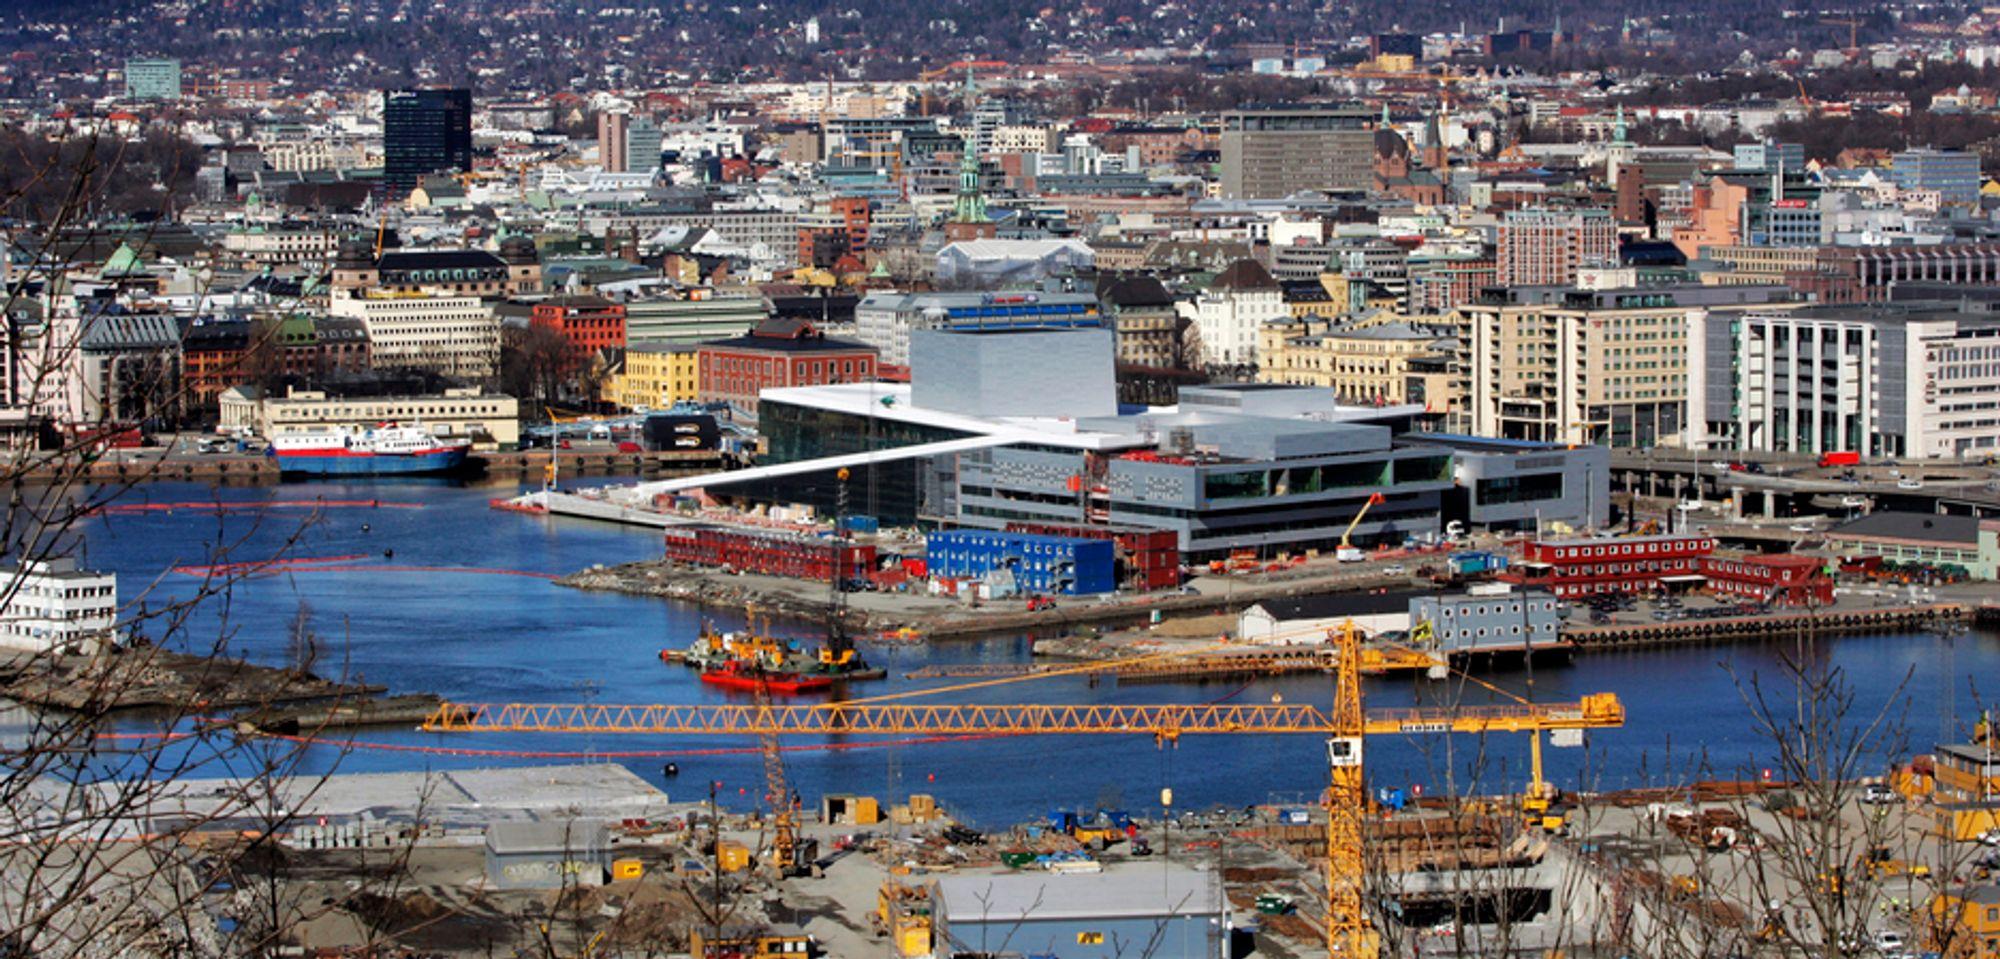 Bygg- og anleggsbransjen økte omsetningen med 30 milliarder kroner i fjor.